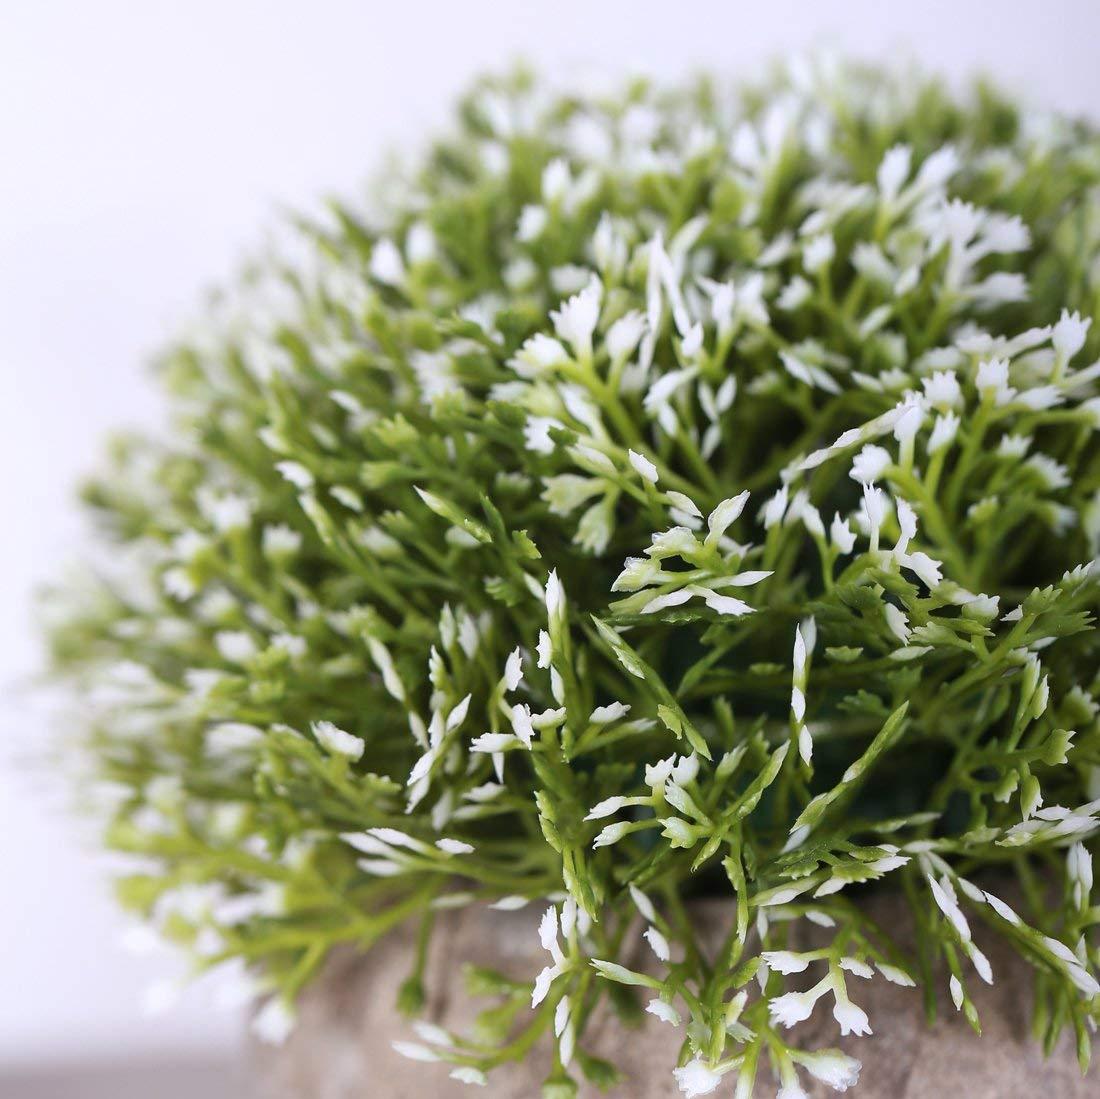 1 St/ück Ksnrang K/ünstliche Gr/ün Gras Bonsai Kunstpflanze mit grauen Topf plastikpflanzen Gef/älschte Pflanzen f/ür Hochzeit//B/üro//Zuhause Dekoration